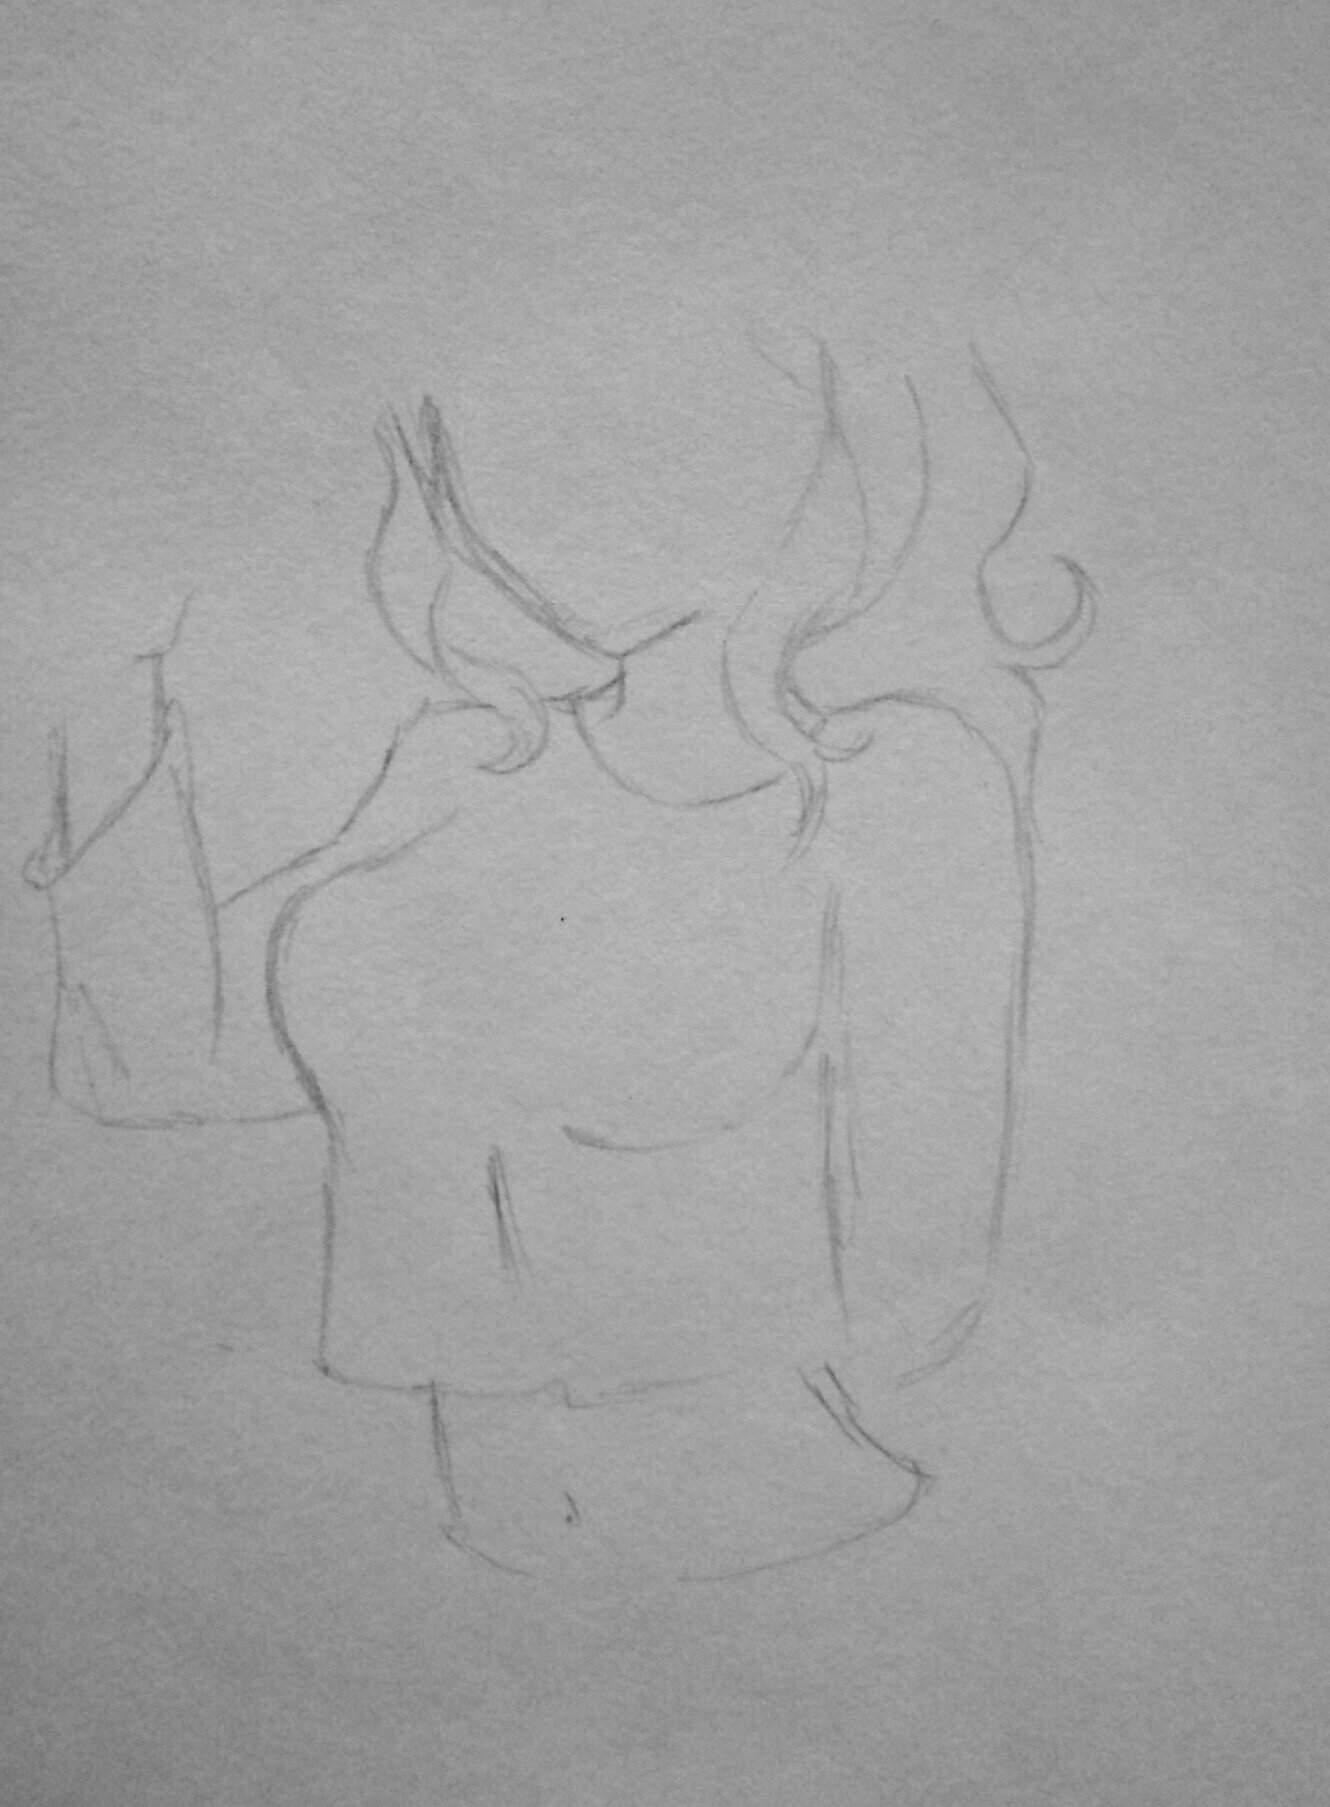 Imagenes De Free Fire Para Dibujar En Blanco Y Negro On Log Wall